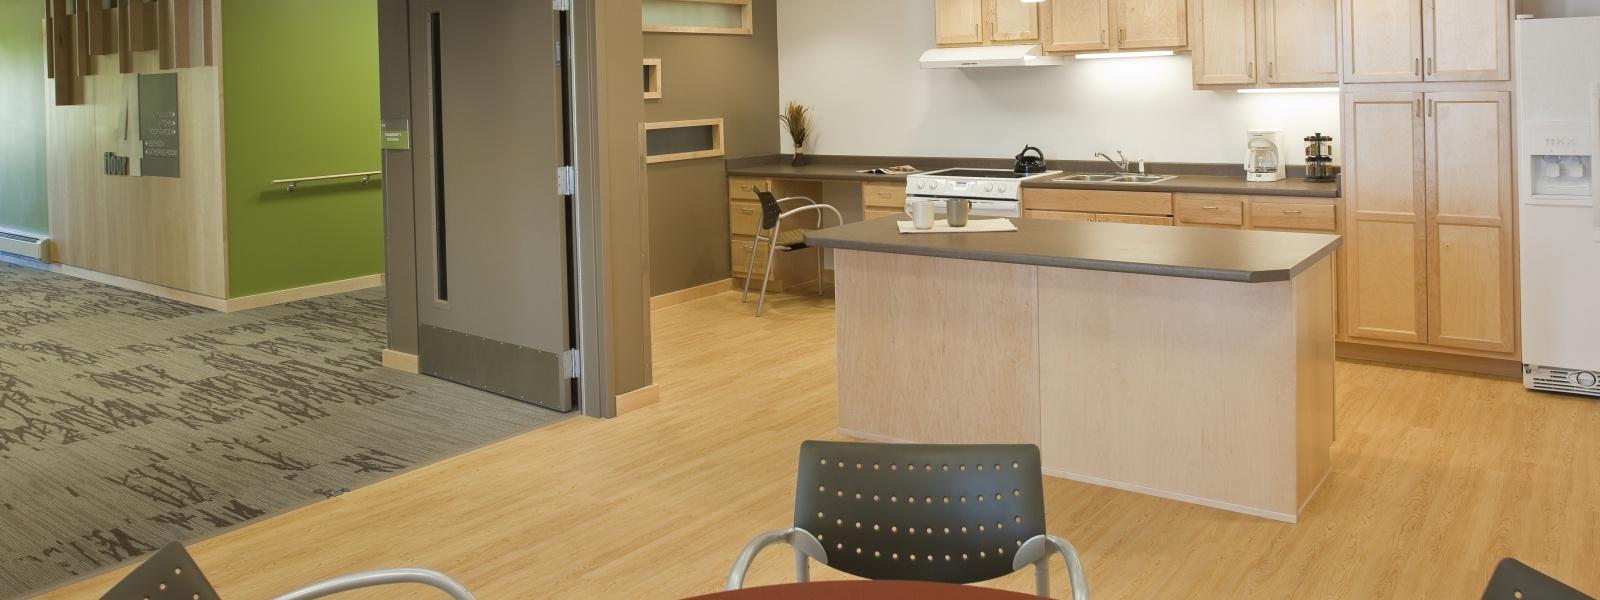 8850 Centennial Circle, Anchorage, Alaska, 99504, 1 Bedroom Bedrooms, ,1 BathroomBathrooms,Apartment,For Rent,Centennial Circle,1023